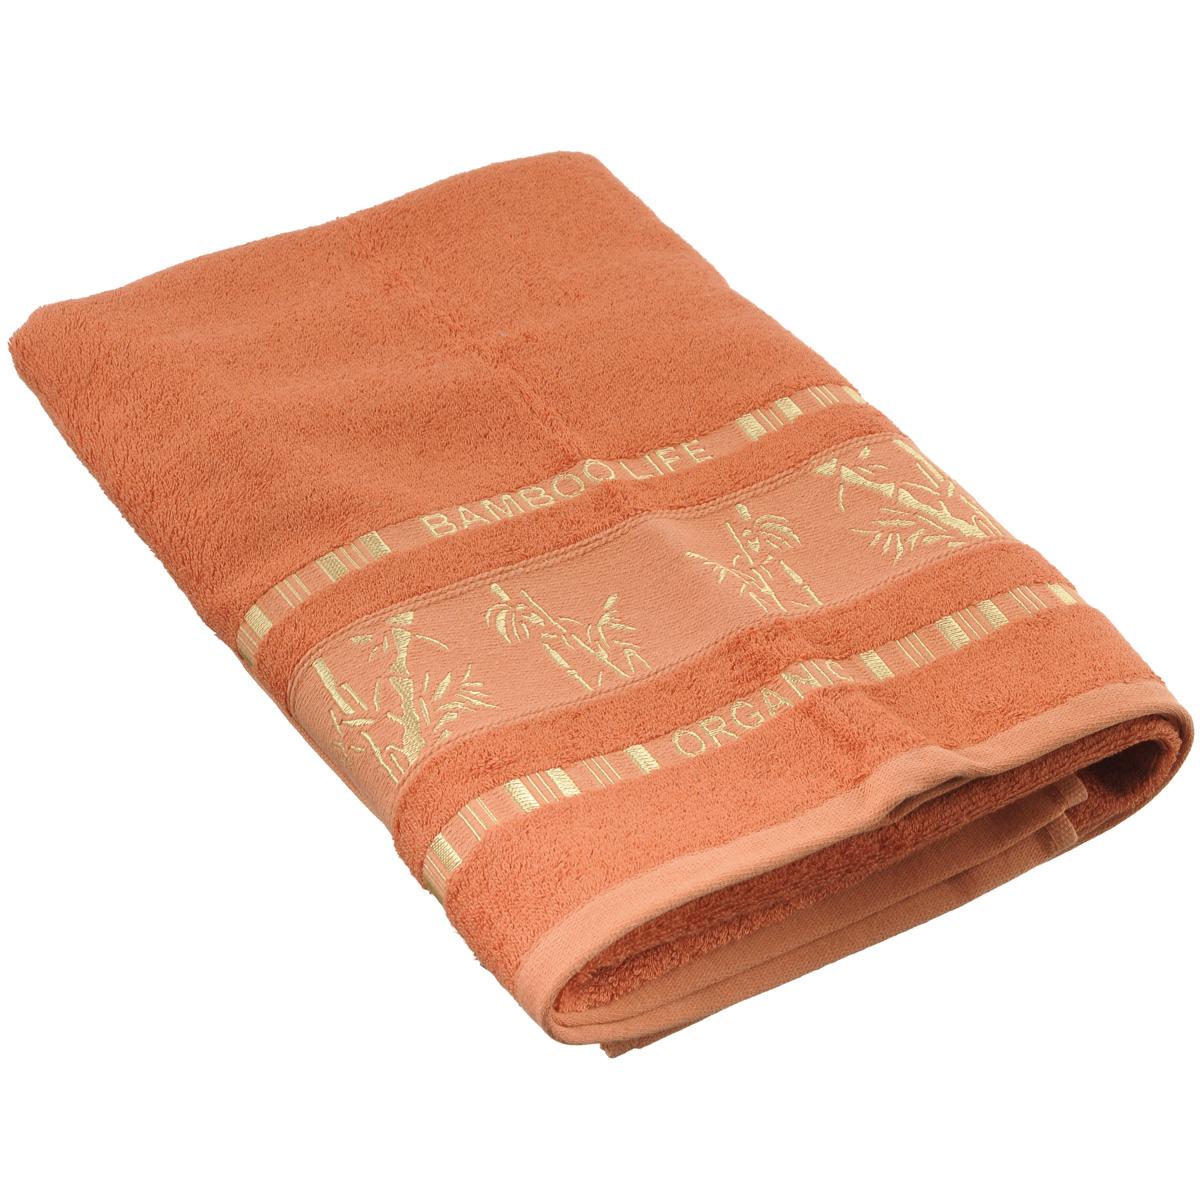 Полотенце Mariposa Bamboo, цвет: бронзовый, 70 х 140 см50838Полотенце Mariposa Bamboo, изготовленное из 60% бамбука и 40% хлопка, подарит массу положительных эмоций и приятных ощущений.Полотенца из бамбука только издали похожи на обычные. На самом деле, при первом же прикосновении вы ощутите невероятную мягкость и шелковистость. Таким полотенцем не нужно вытираться - только коснитесь кожи - и ткань сама все впитает! Несмотря на богатую плотность и высокую петлю полотенца, оно быстро сохнет, остается легким даже при намокании.Полотенце оформлено изображением бамбука. Благородный тон создает уют и подчеркивает лучшие качества махровой ткани. Полотенце Mariposa Bamboo станет достойным выбором для вас и приятным подарком для ваших близких.Размер полотенца: 70 см х 140 см.